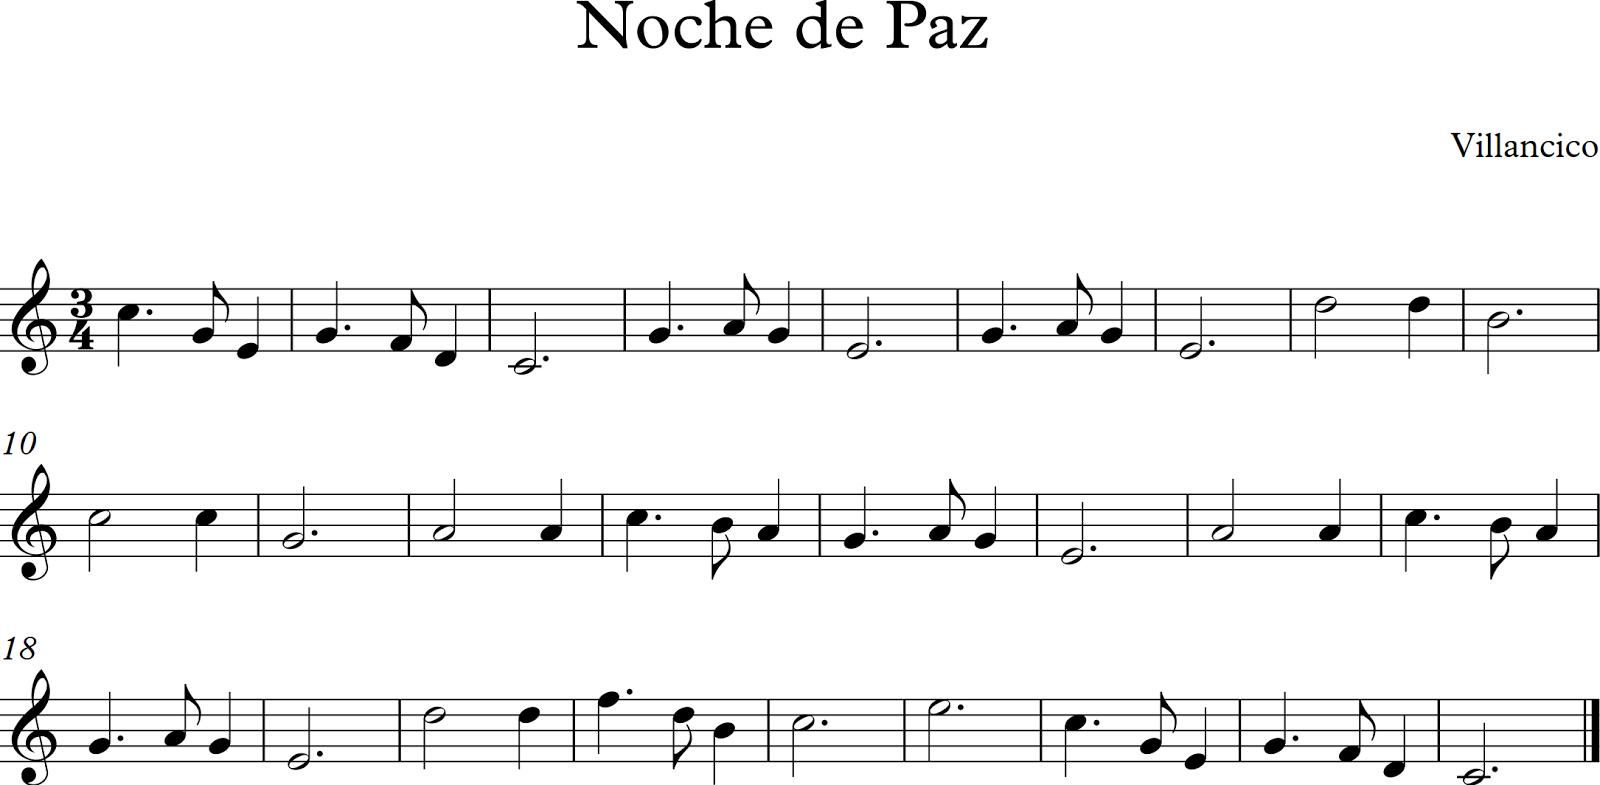 letra de la cancion es noche: